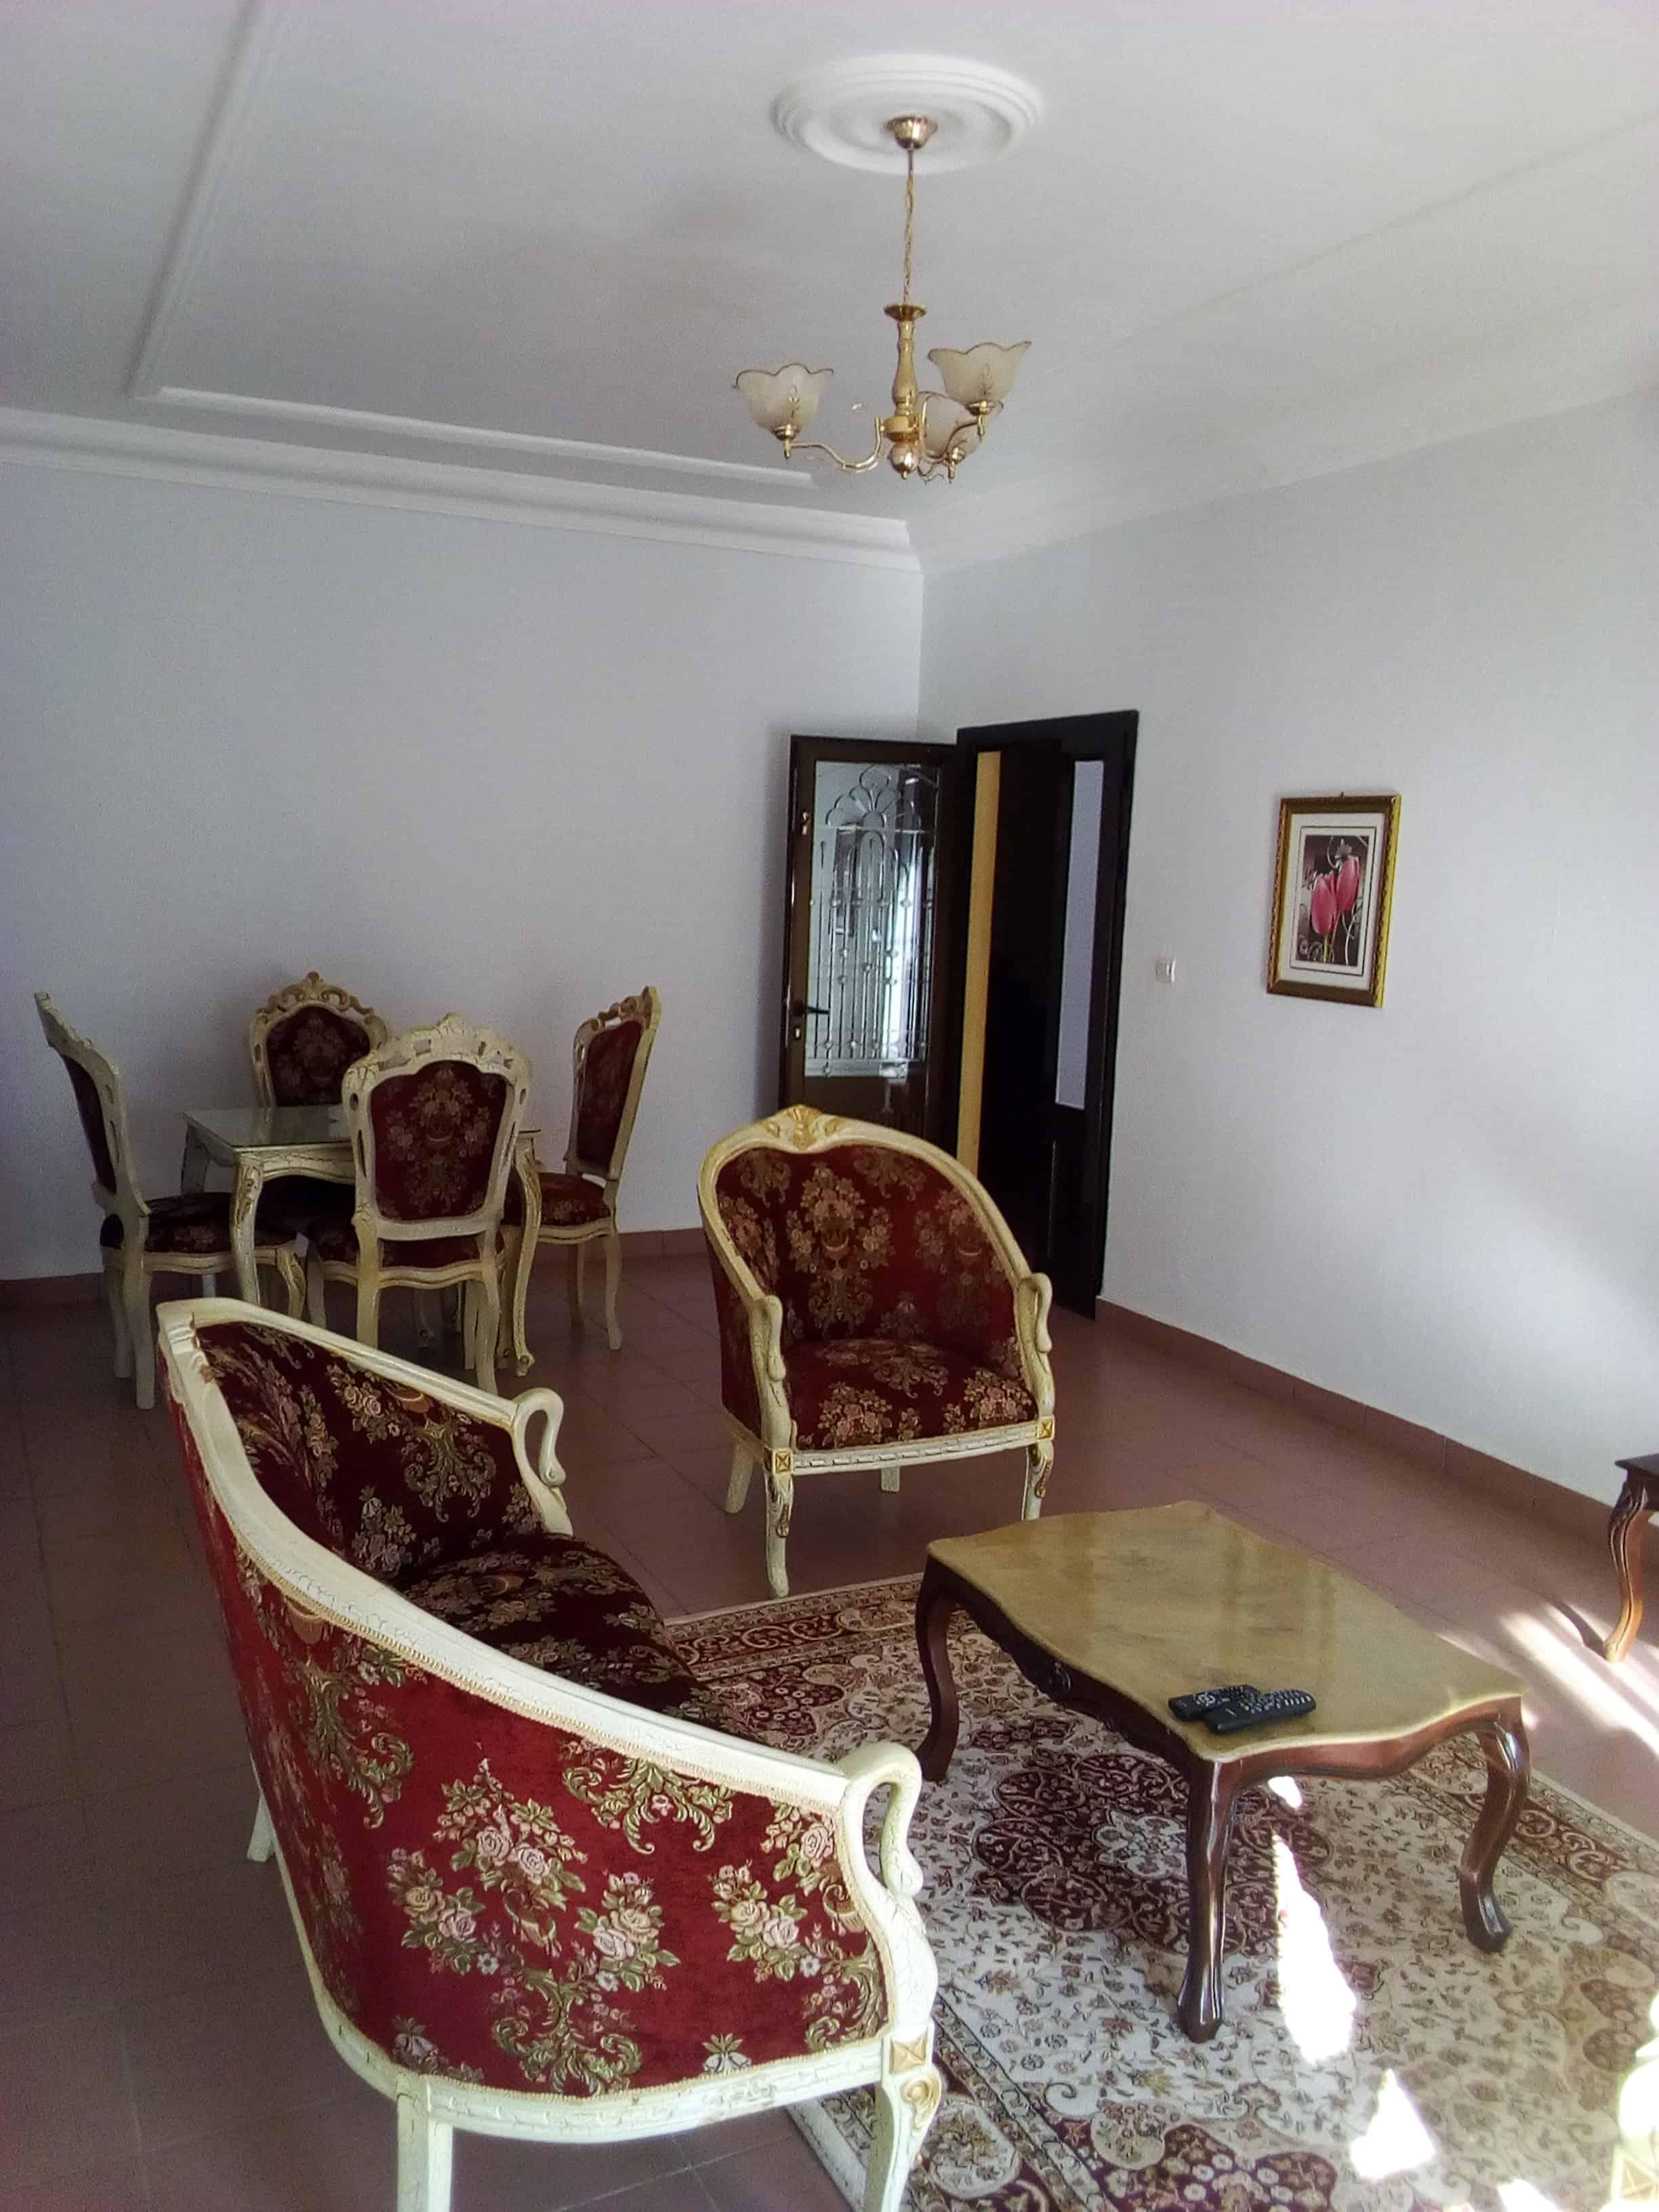 Apartment to rent - Yaoundé, Bastos, pas loin de lorient rouge - 1 living room(s), 2 bedroom(s), 3 bathroom(s) - 800 000 FCFA / month